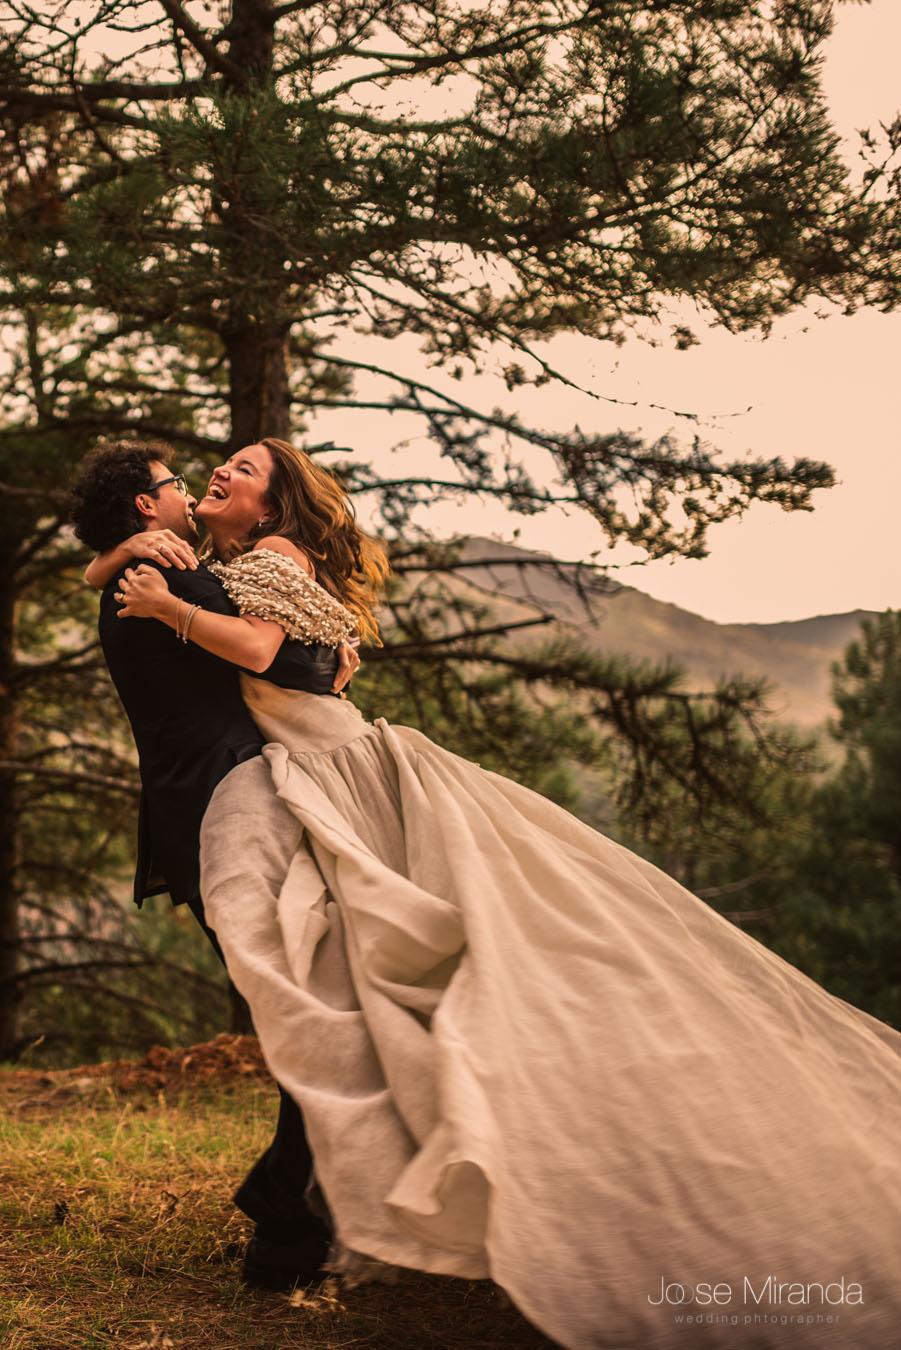 Novio cogiendo a la novia en brazos con el vestido volando